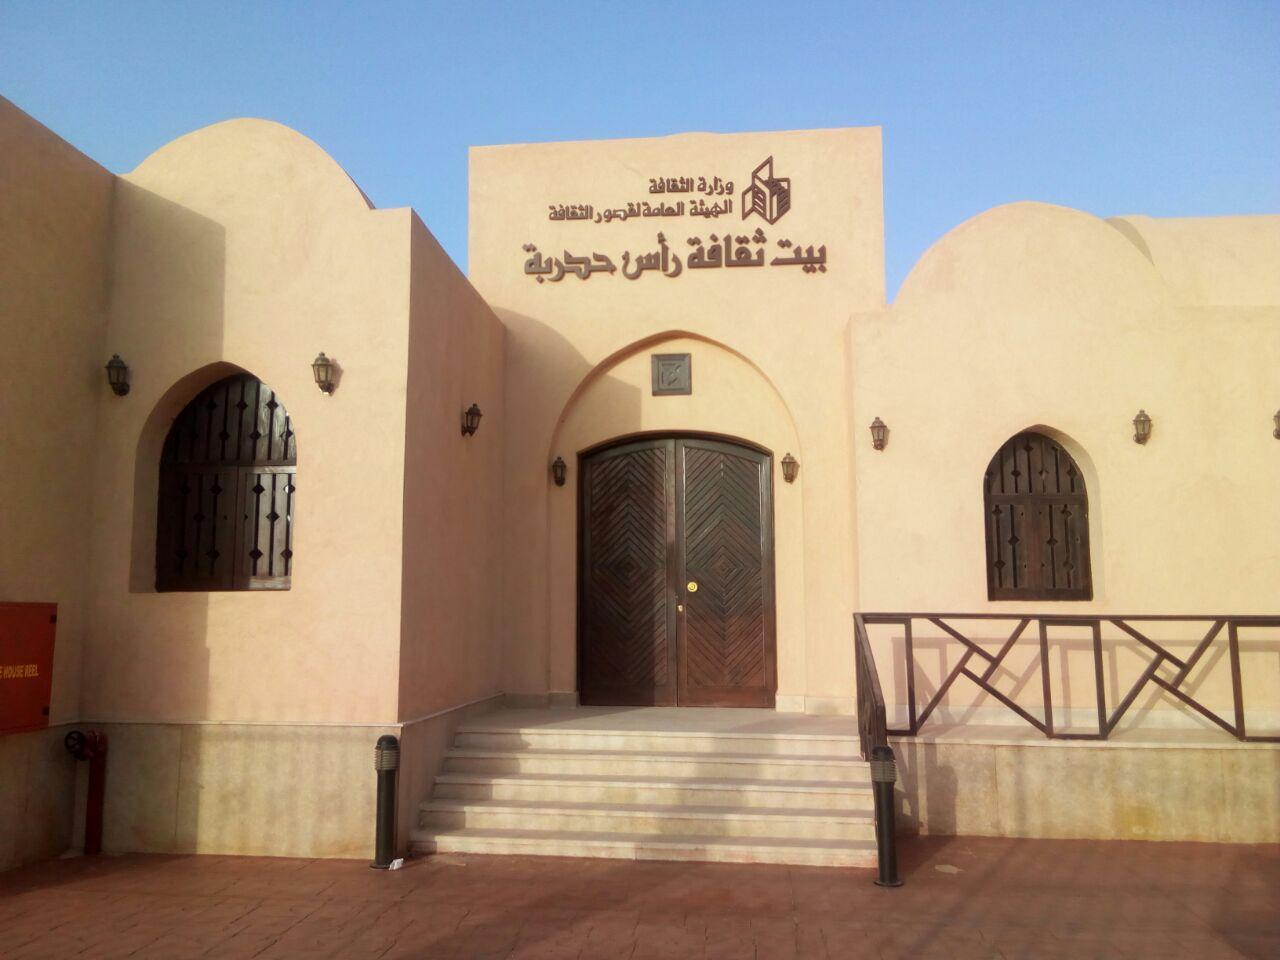 بيت ثقافة رأس حدربة البحر الأحمر